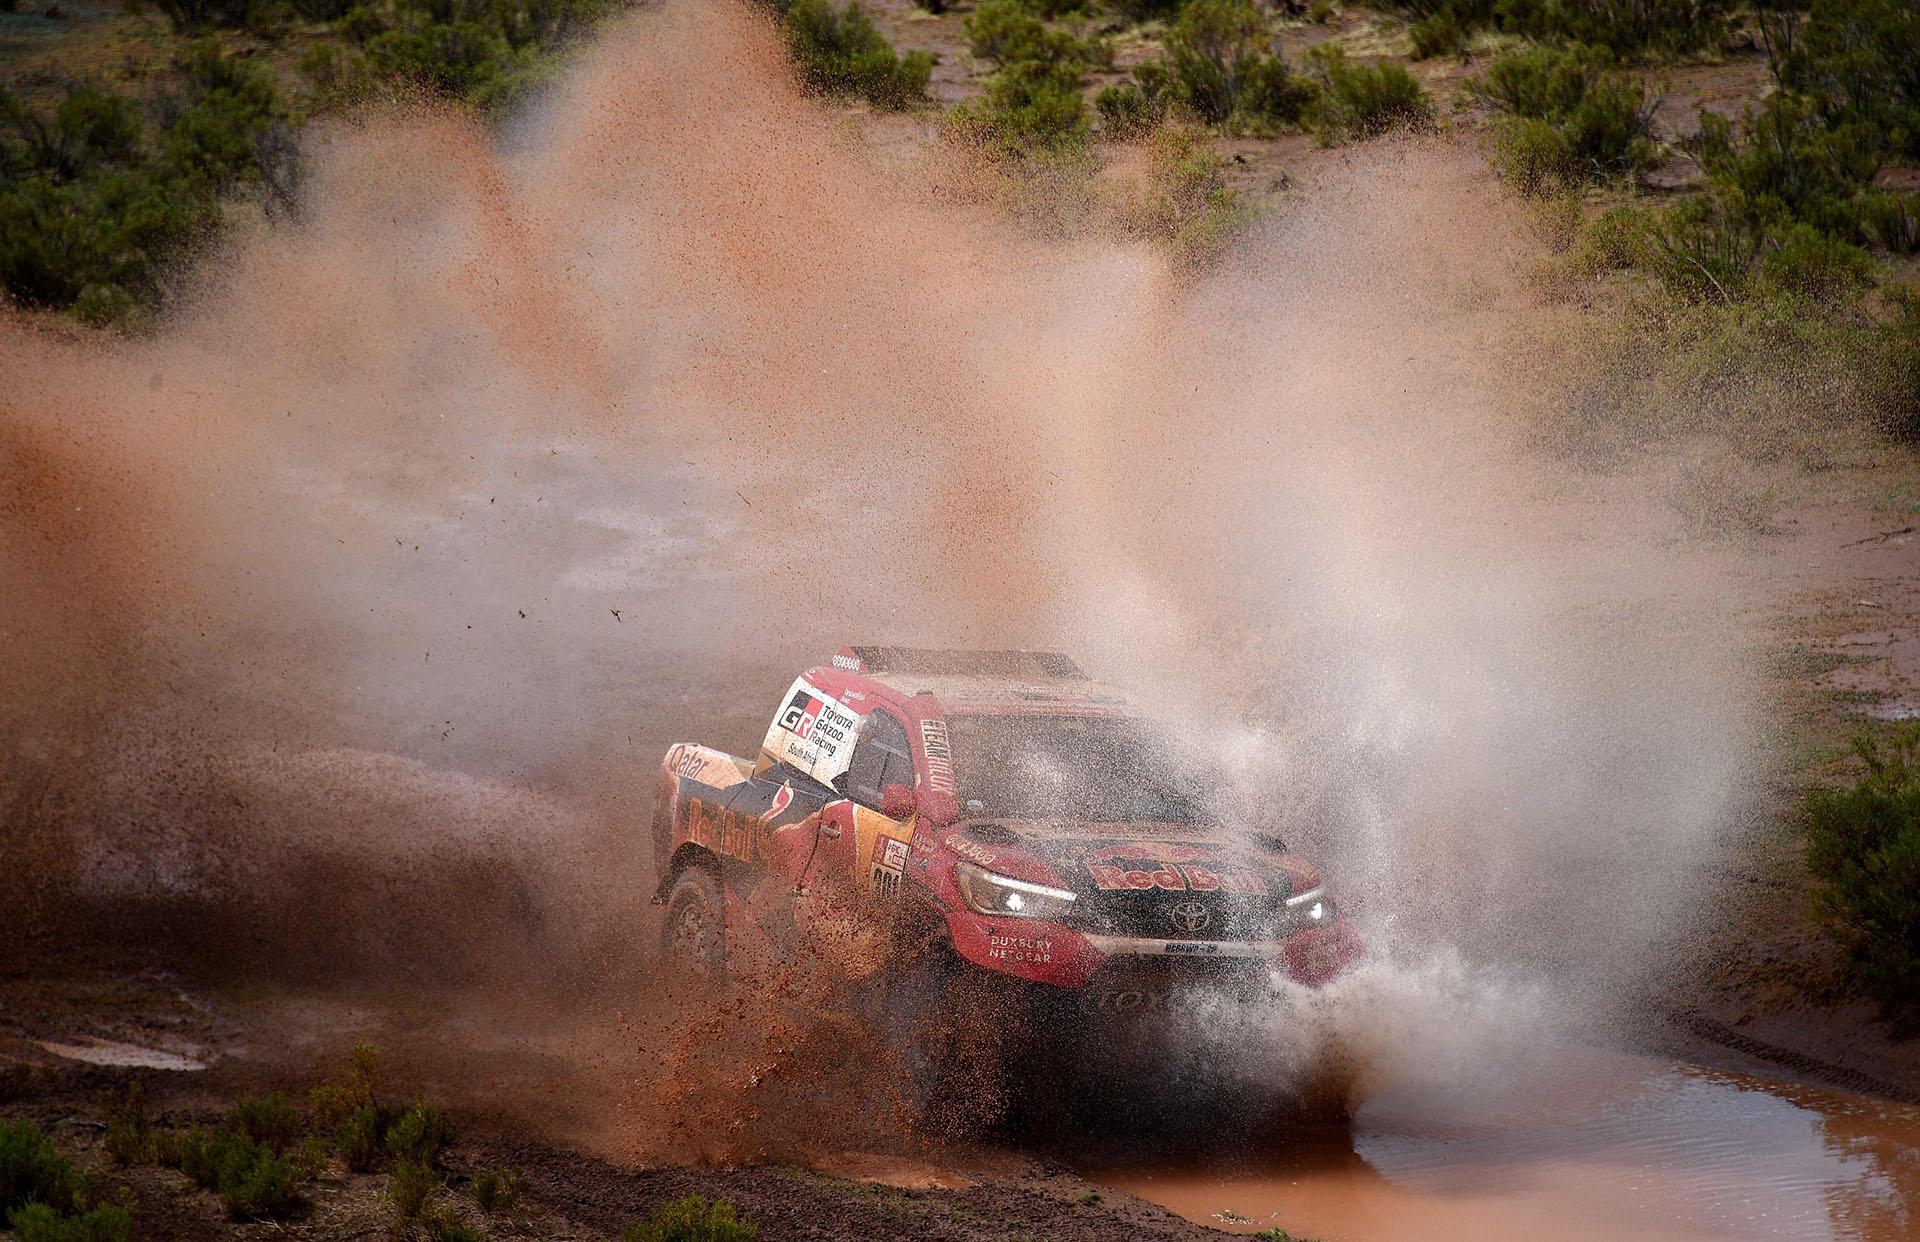 La Toyota del qatarí es uno de los vehículos que más fanáticos atrae